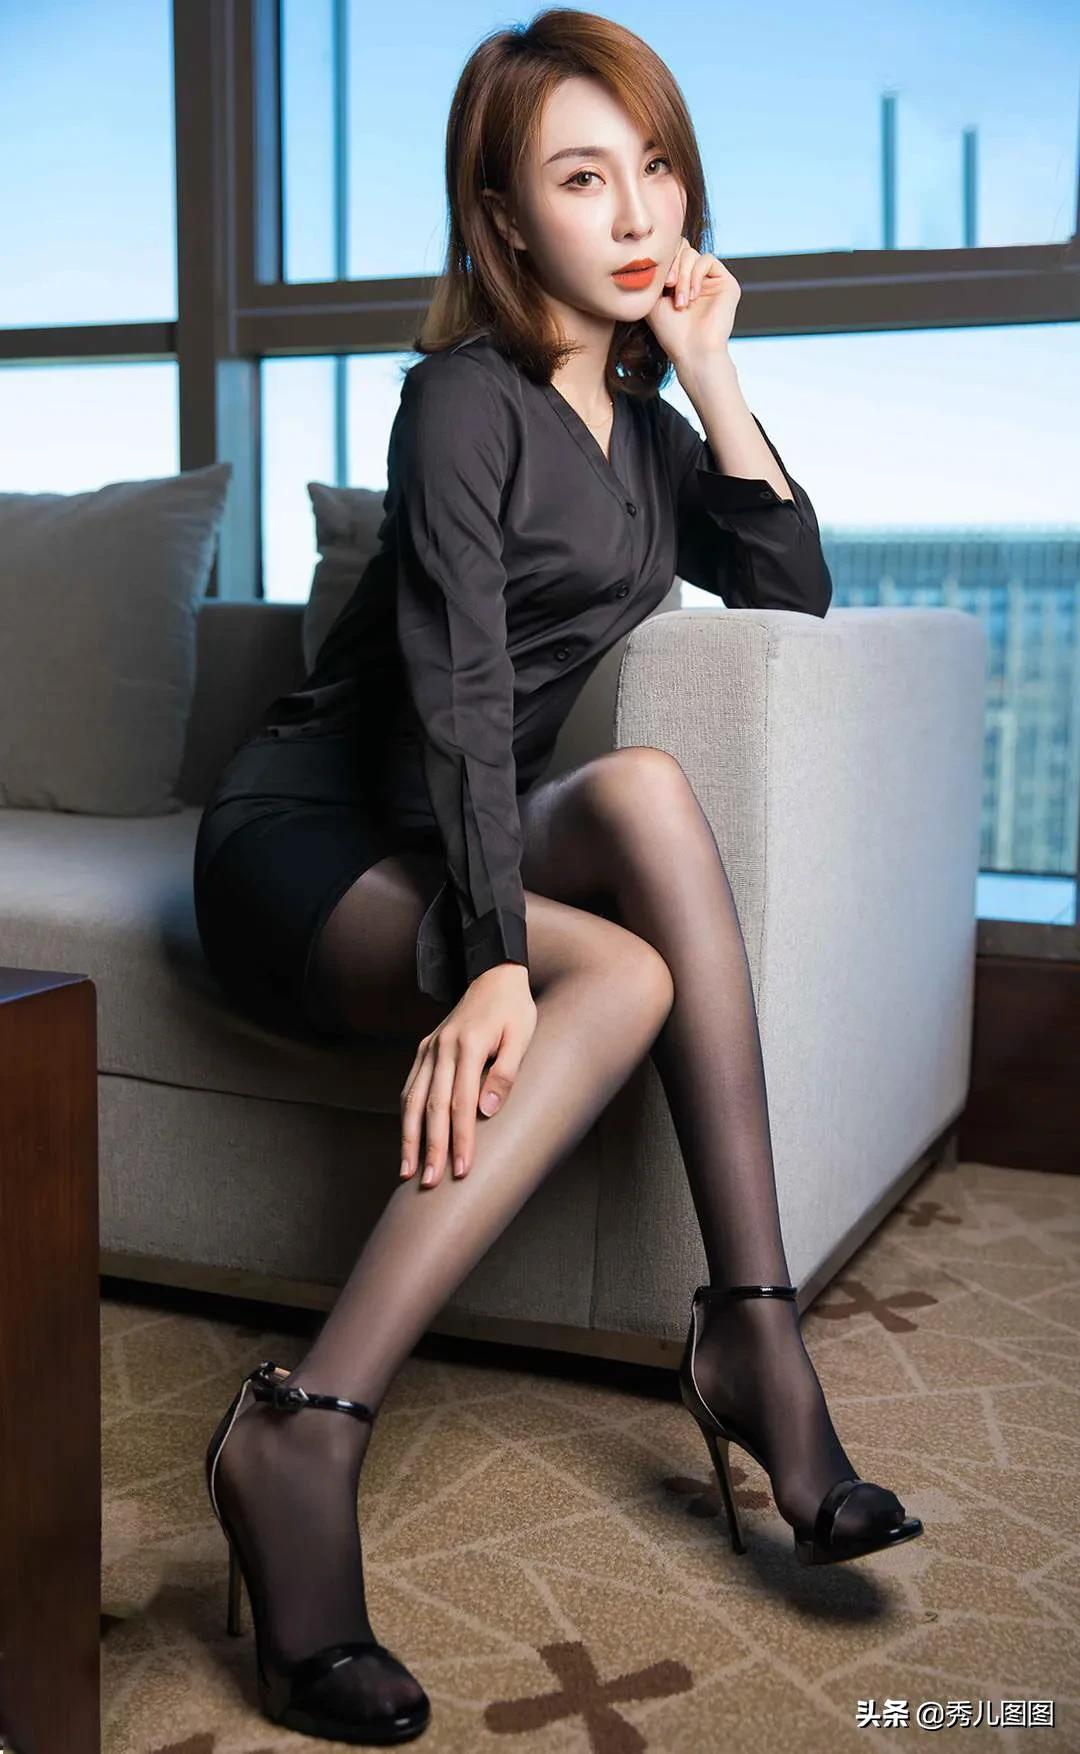 黑丝高跟美女文员,性感时尚娇艳欲滴